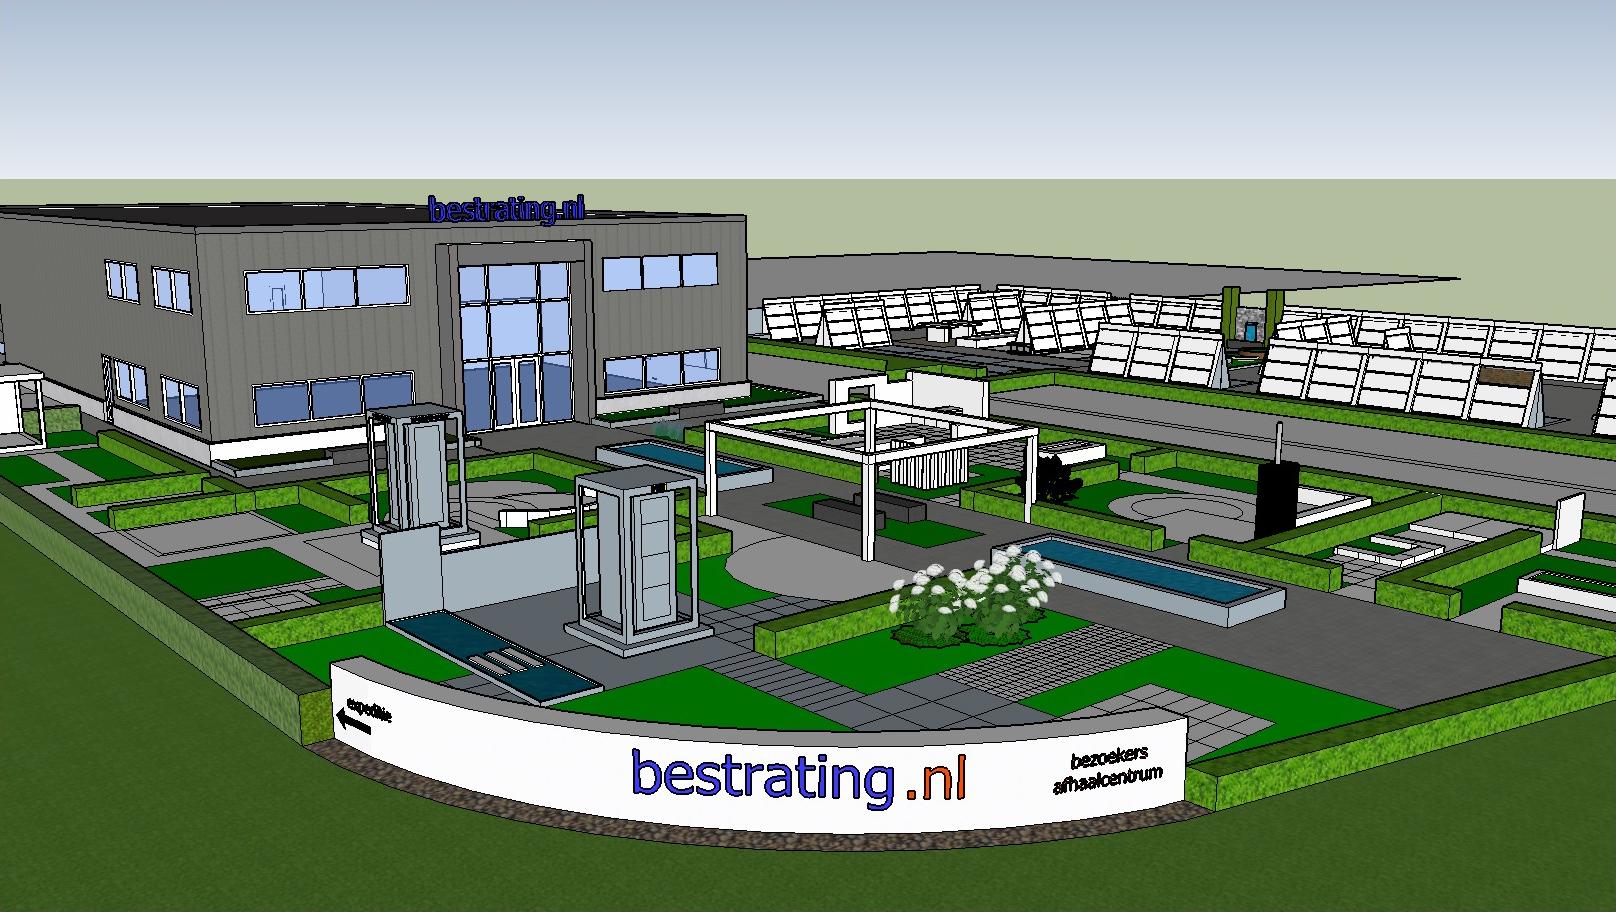 Bestrating.nl verhuist vanaf 8 april naar een nieuwe locatie aan de Korenmaat 18 in Assen.